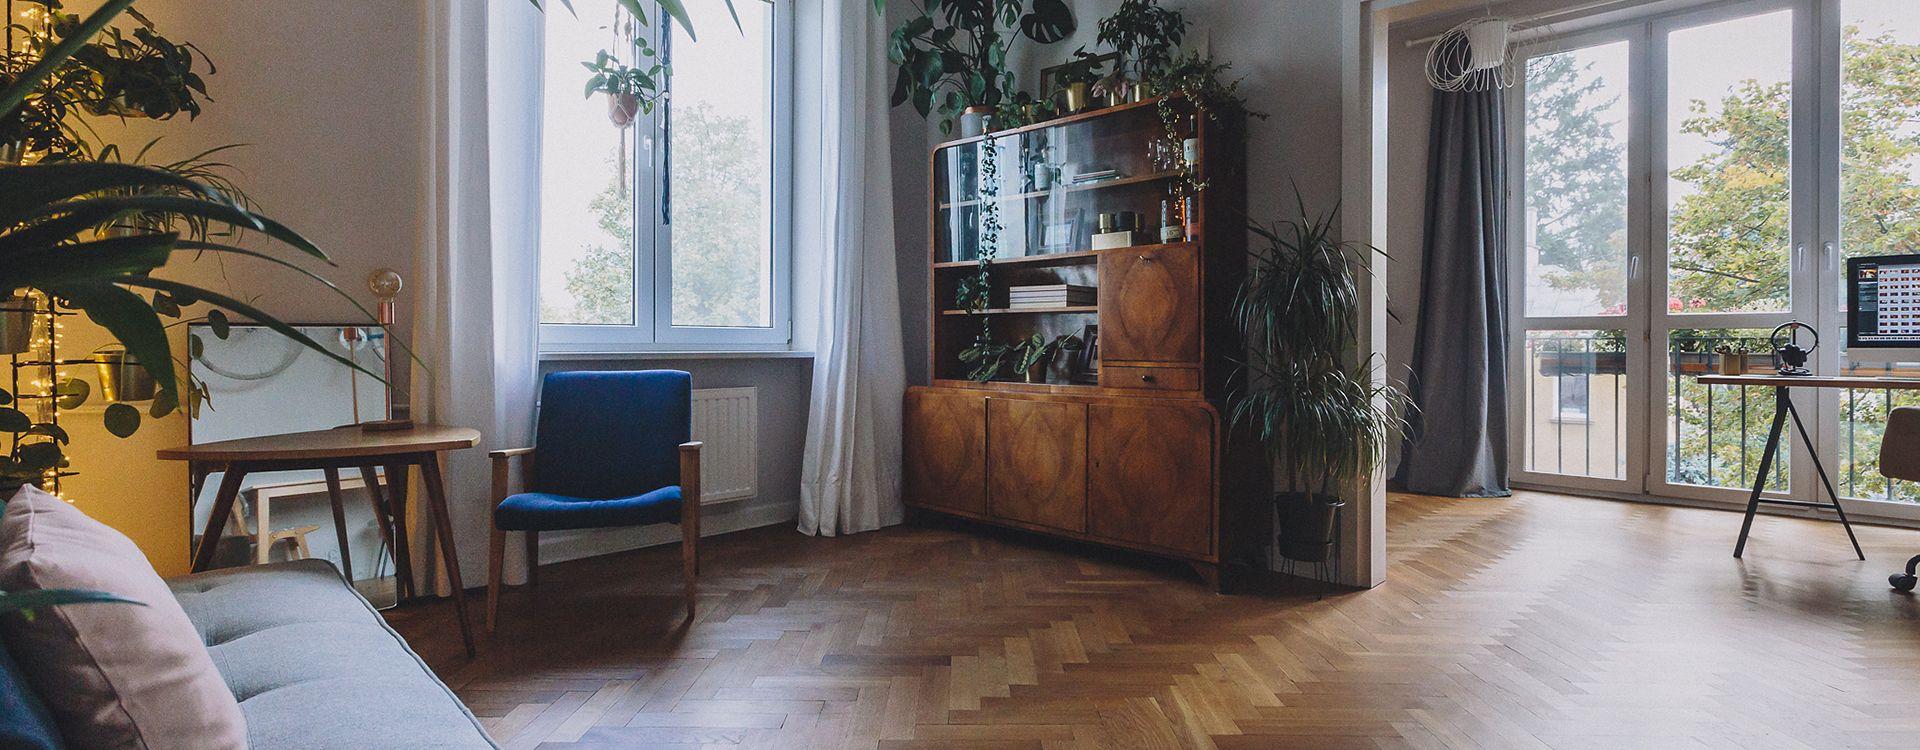 Urządzanie mieszkania to proces. Trzeba przy tym się nie bać